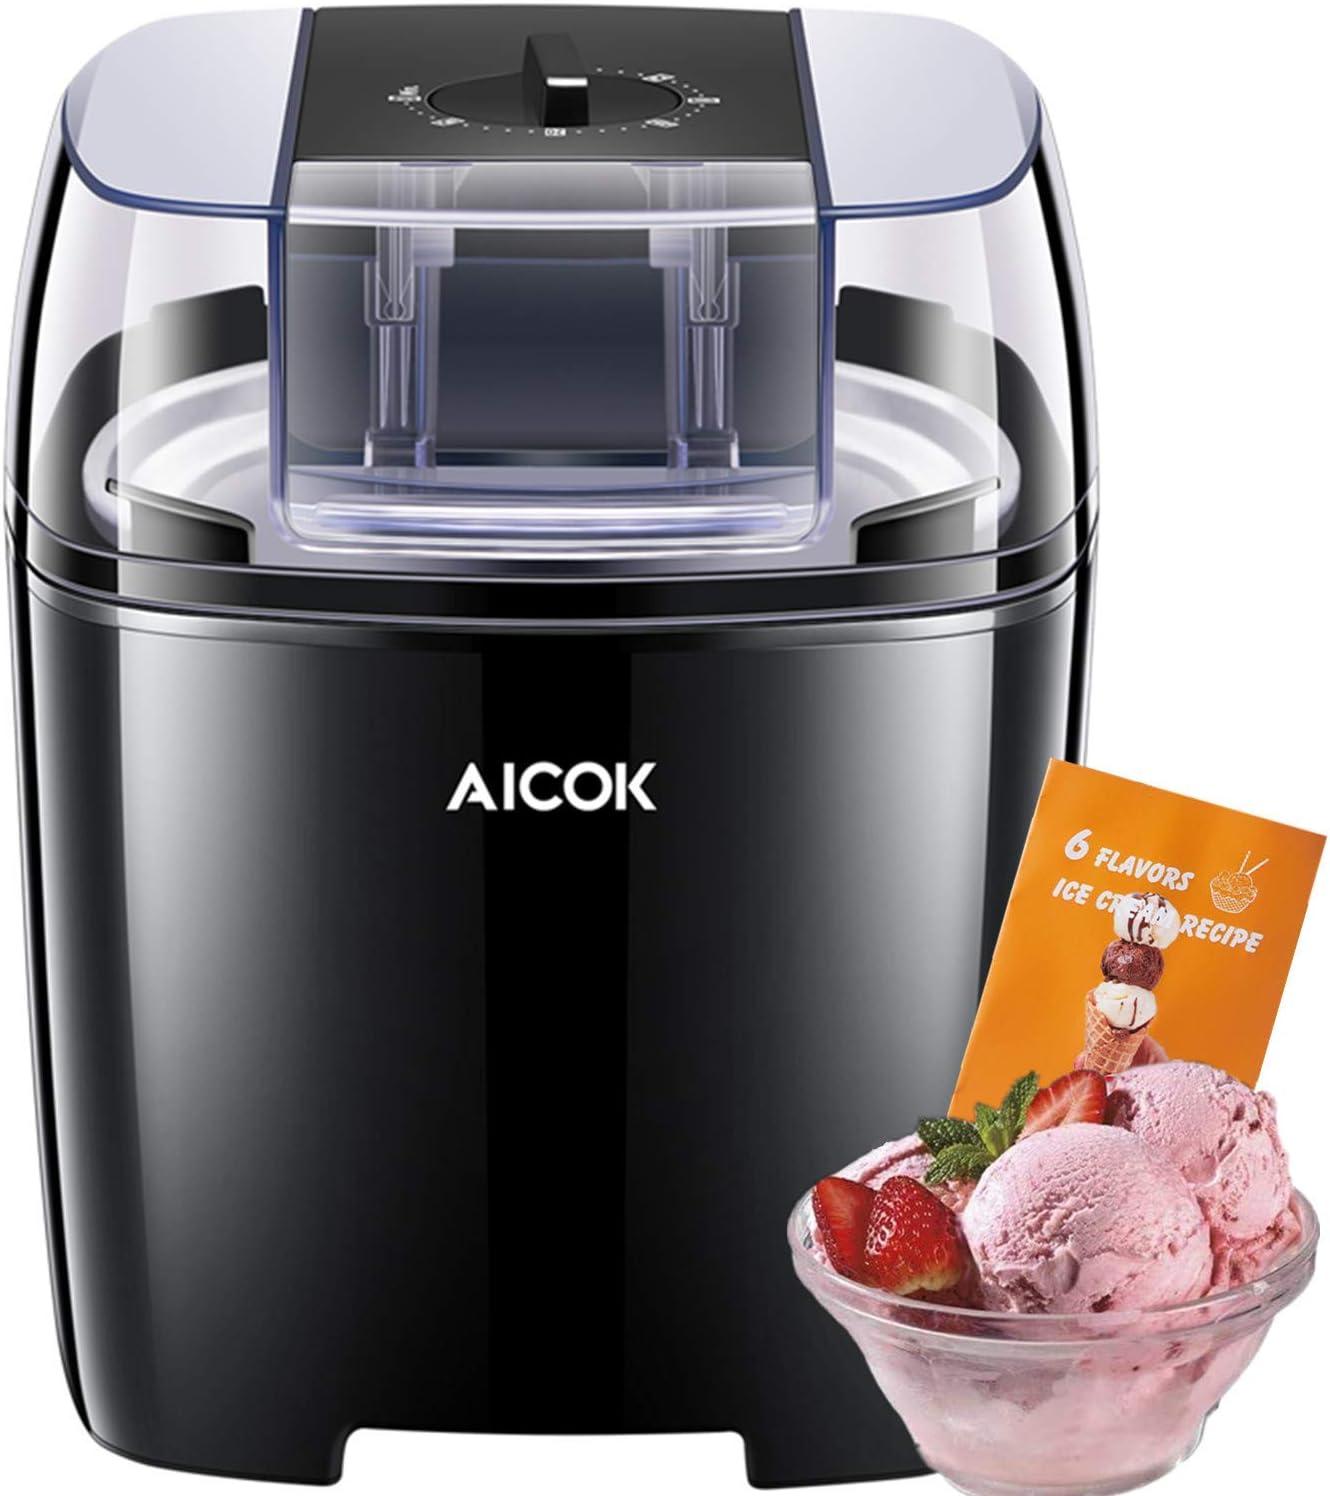 A+ Maquina de Helados con Temporizador de Yogur y Sorbetes con 1.5 Litro, 250W, Libre de BPA, Recetas Incluido, Negro